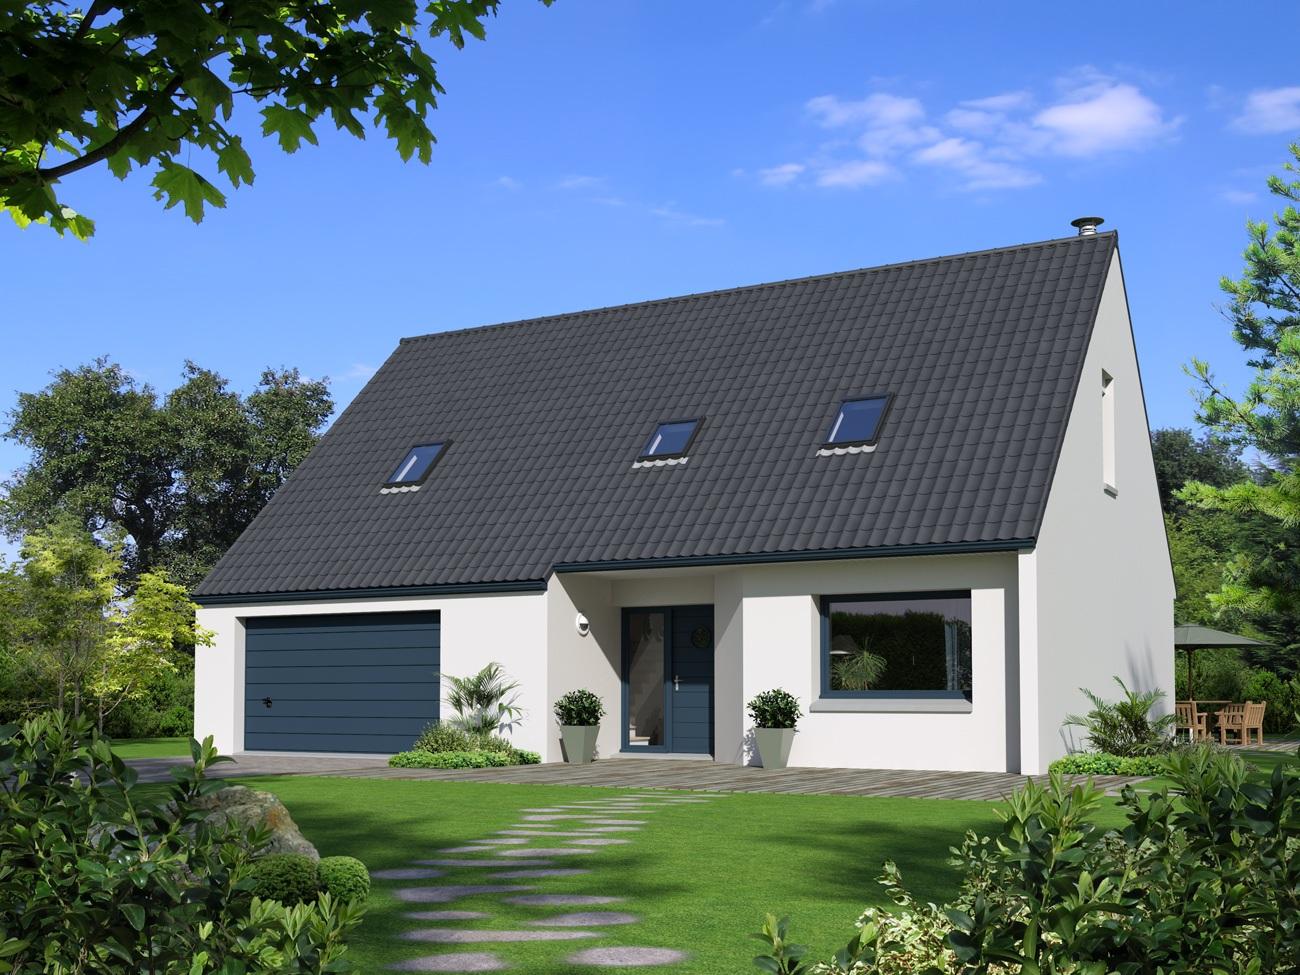 Maisons + Terrains du constructeur Maison Familiale Wizernes • 107 m² • BONNINGUES LES CALAIS